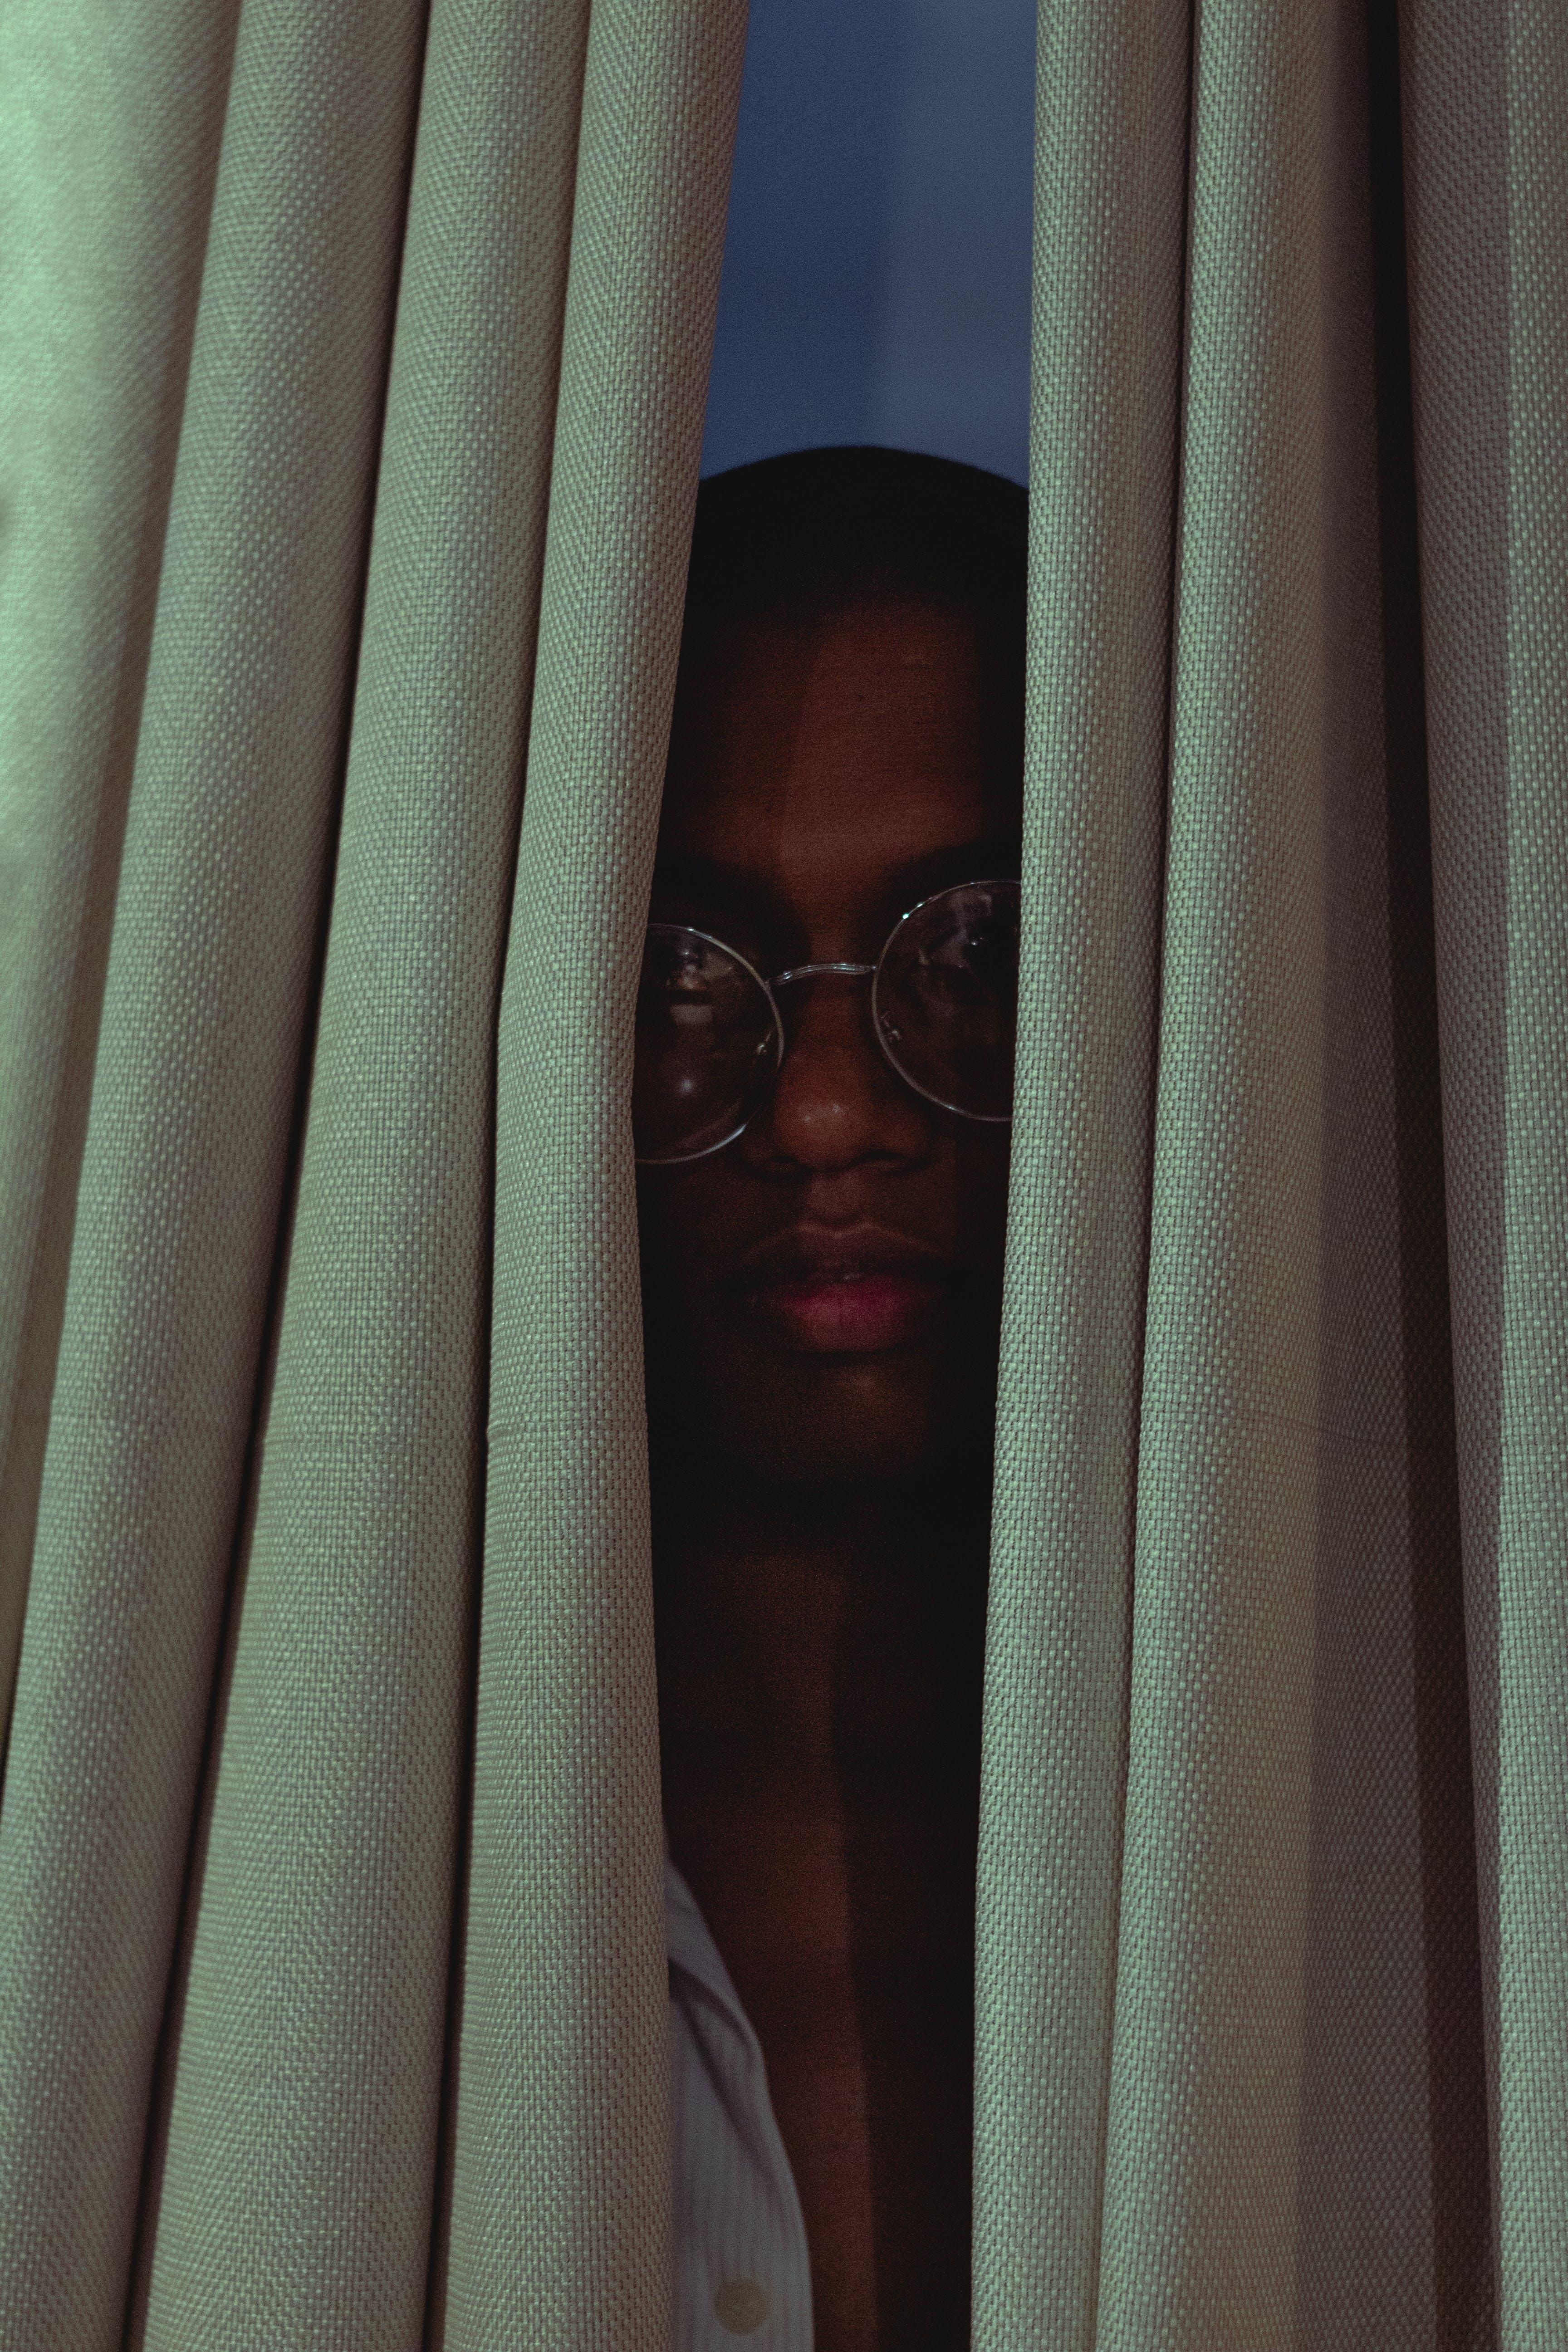 Man Hiding Behind Curtain